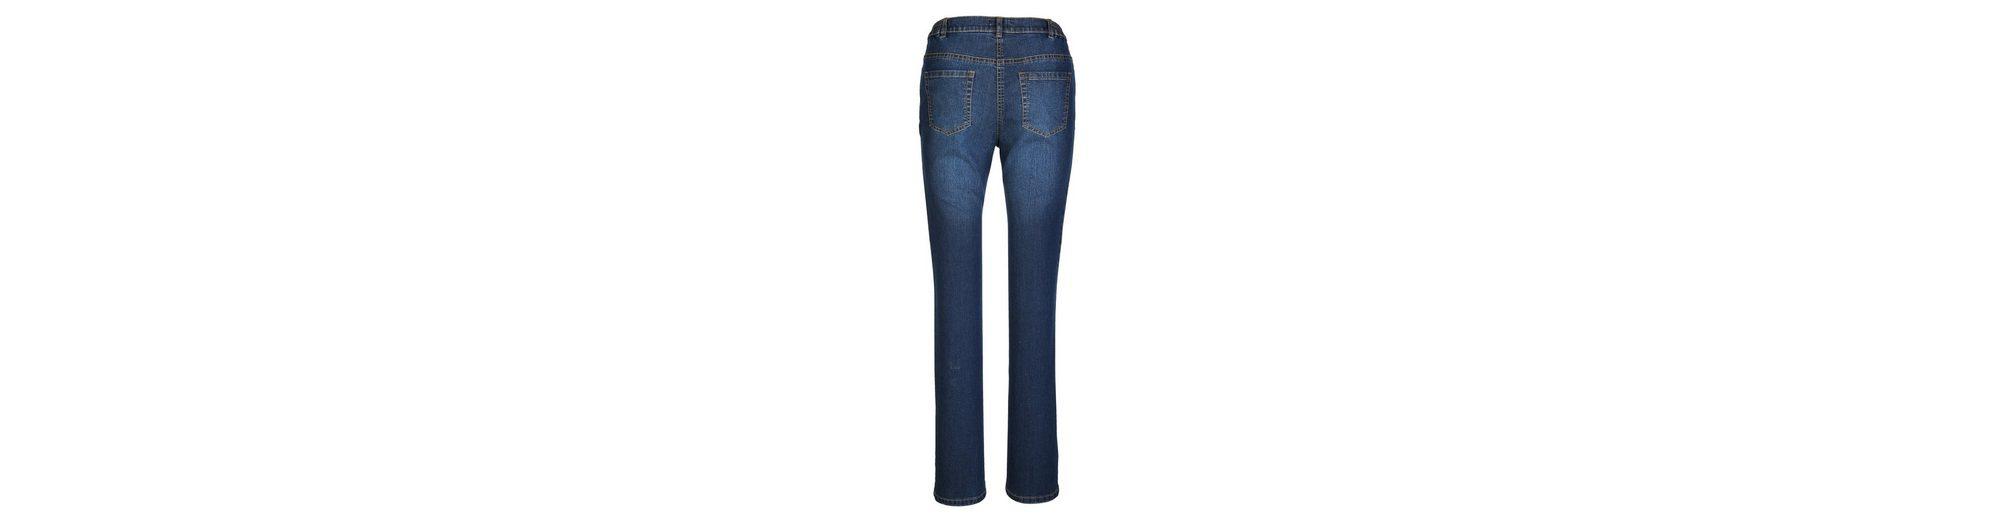 MIAMODA Jeans in angesagter Patch-Optik Billig Verkauf Websites Verkauf Wirklich JExop